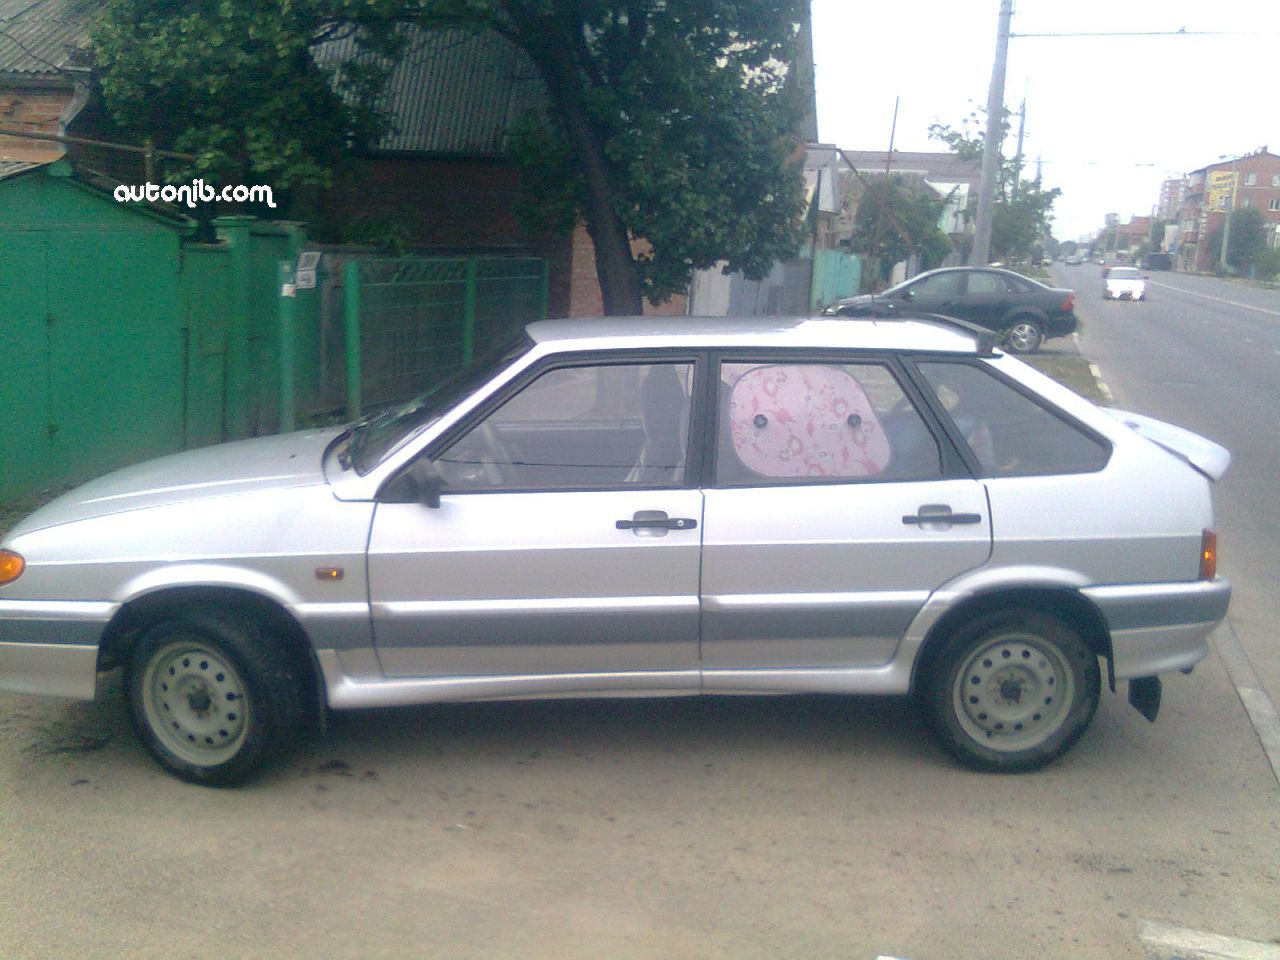 Купить ВАЗ 2114 2004 года в городе Краснодар